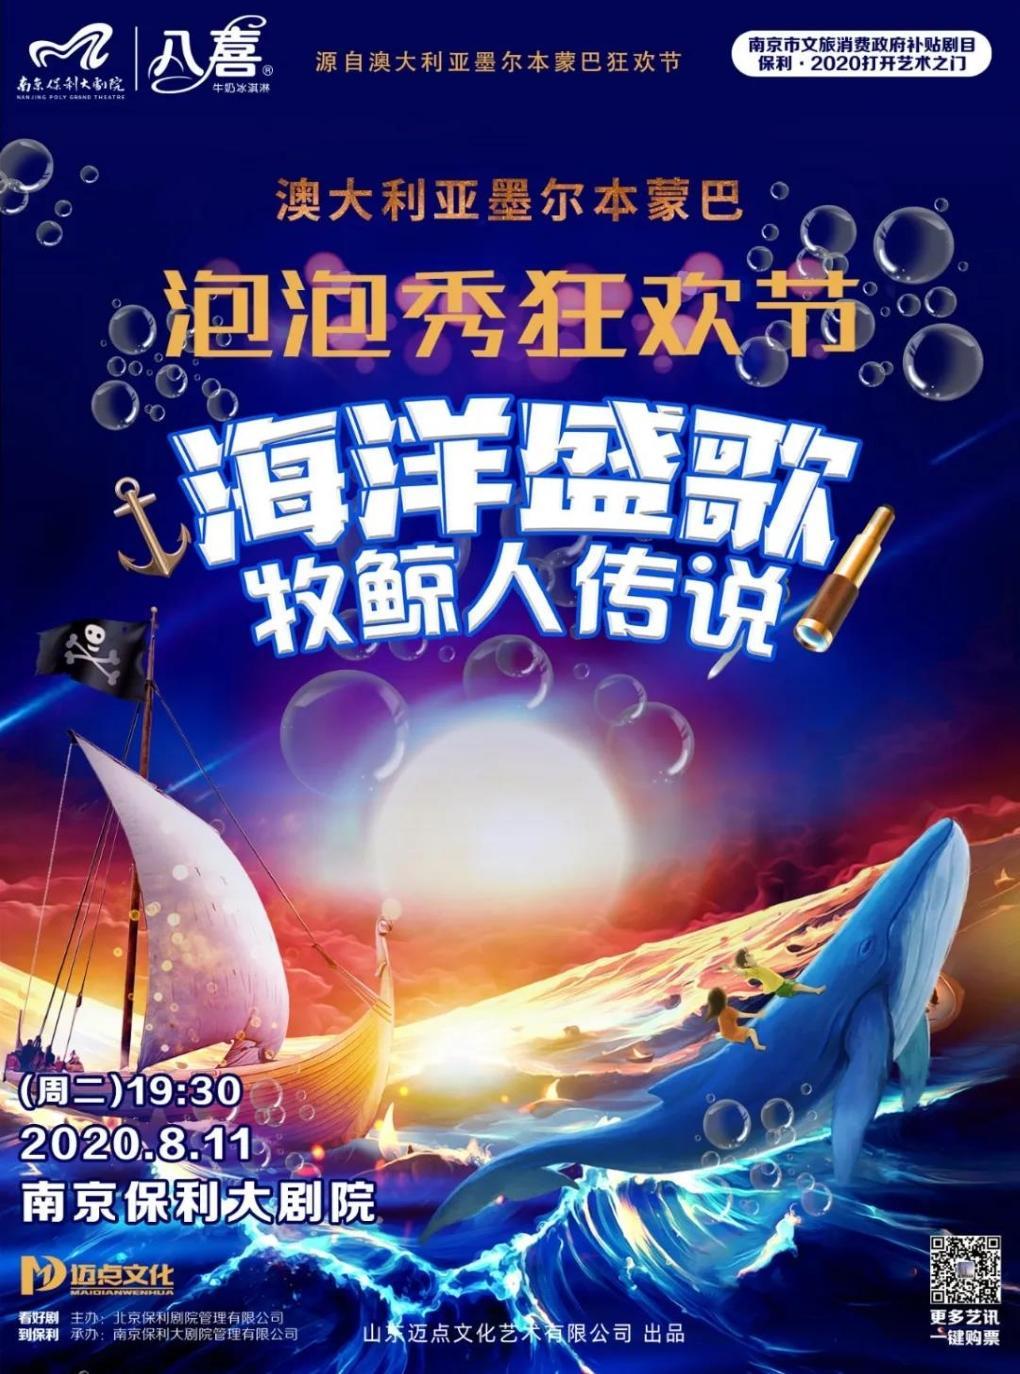 泡泡狂欢 《海洋盛歌——牧鲸人传说》